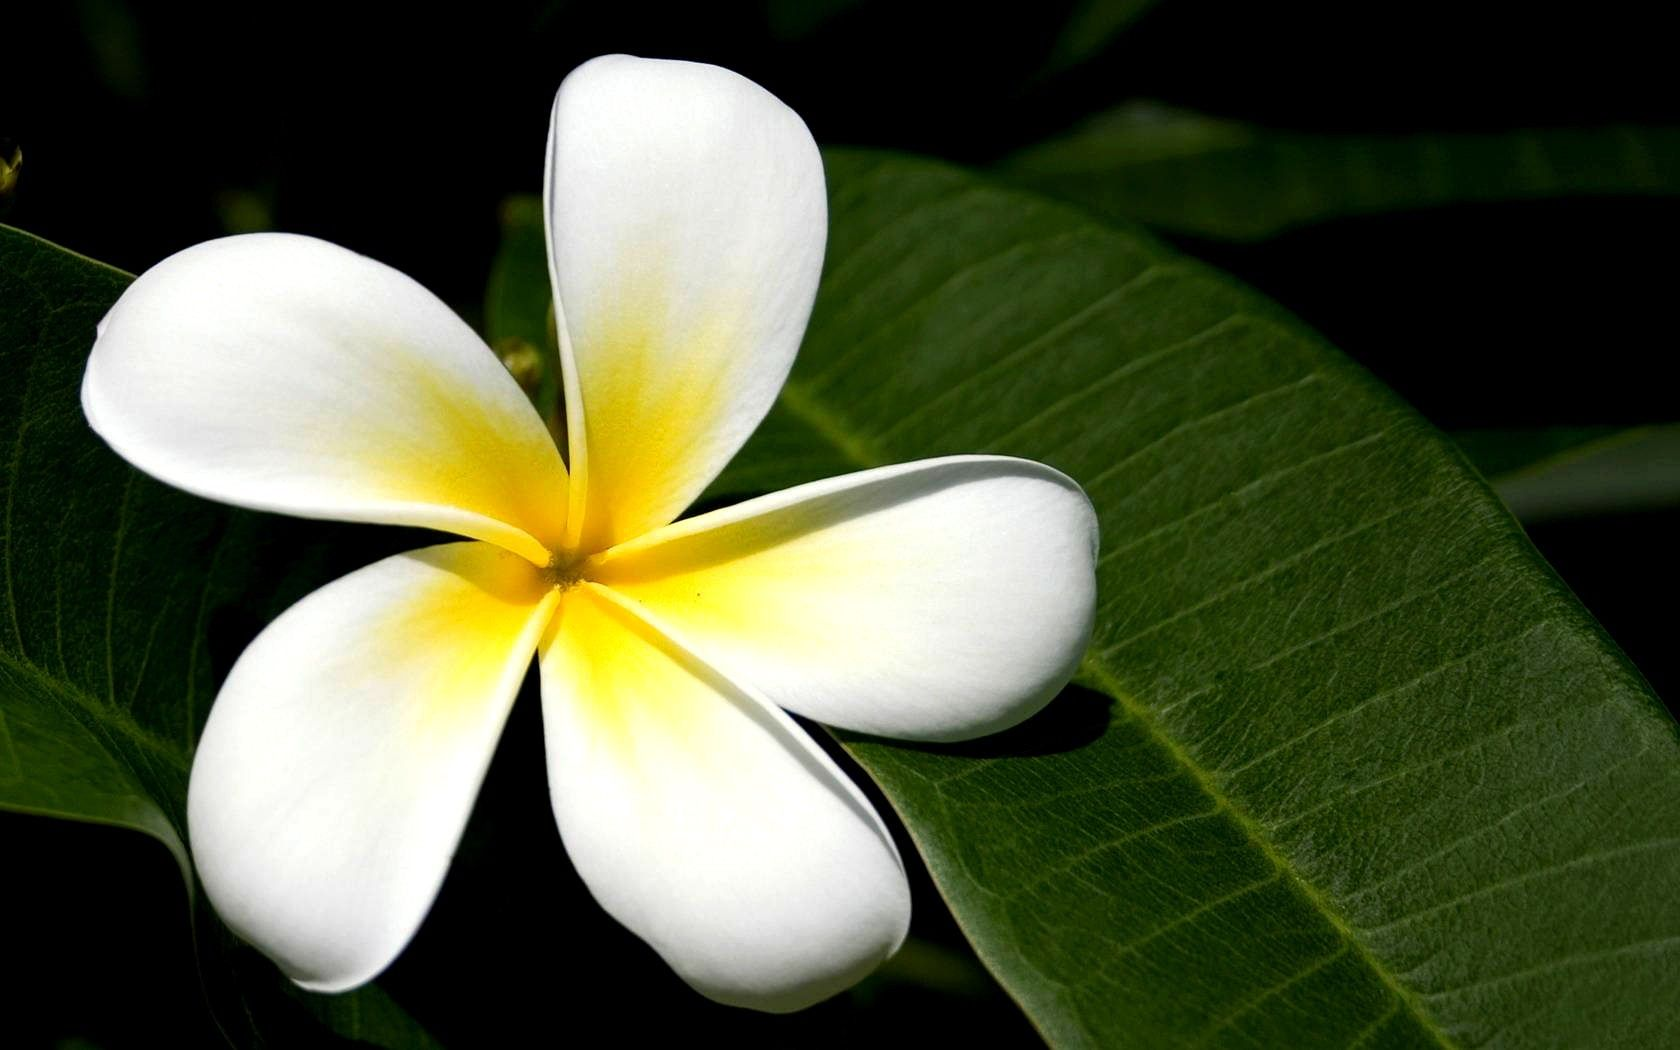 flower of bali art ideas pinterest flower and flower images